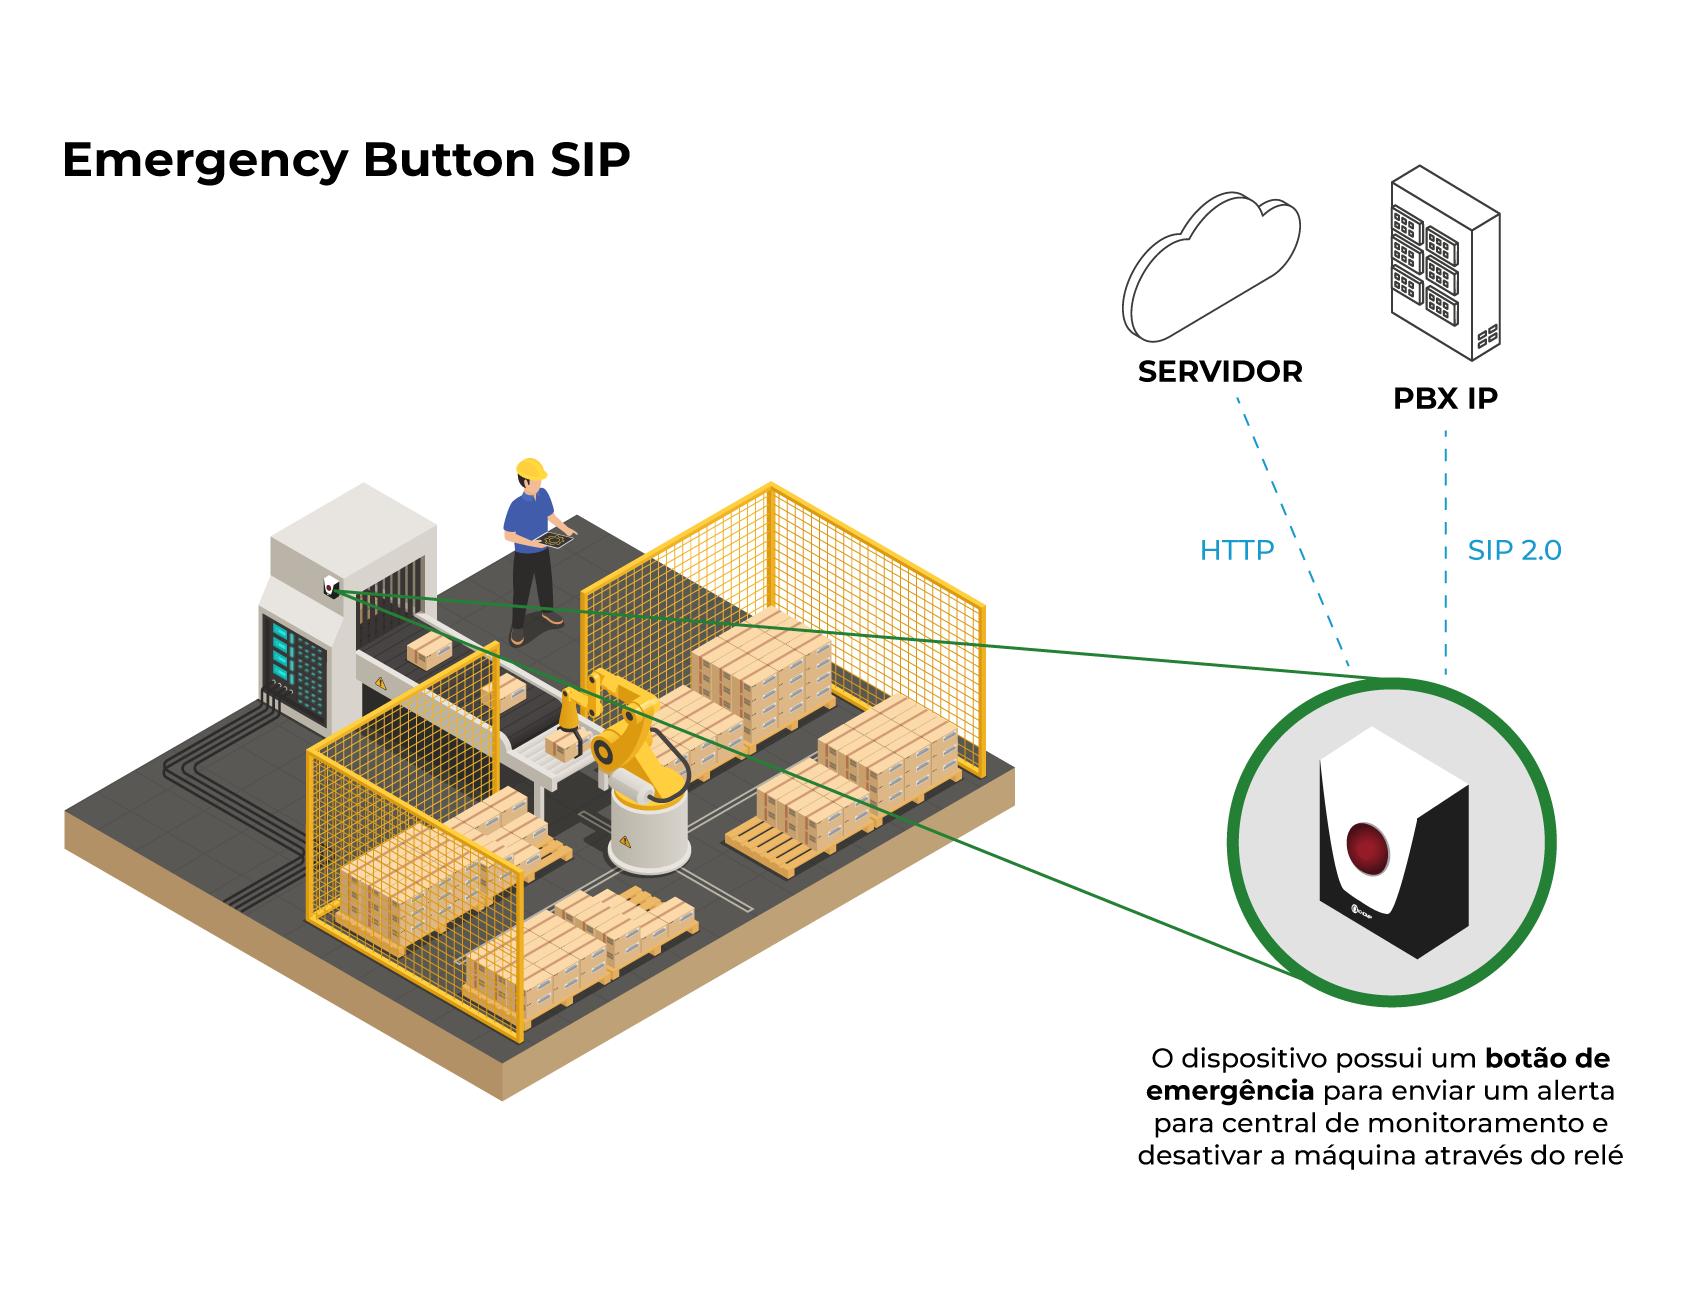 Modelo de aplicação - Emergency Button SIP